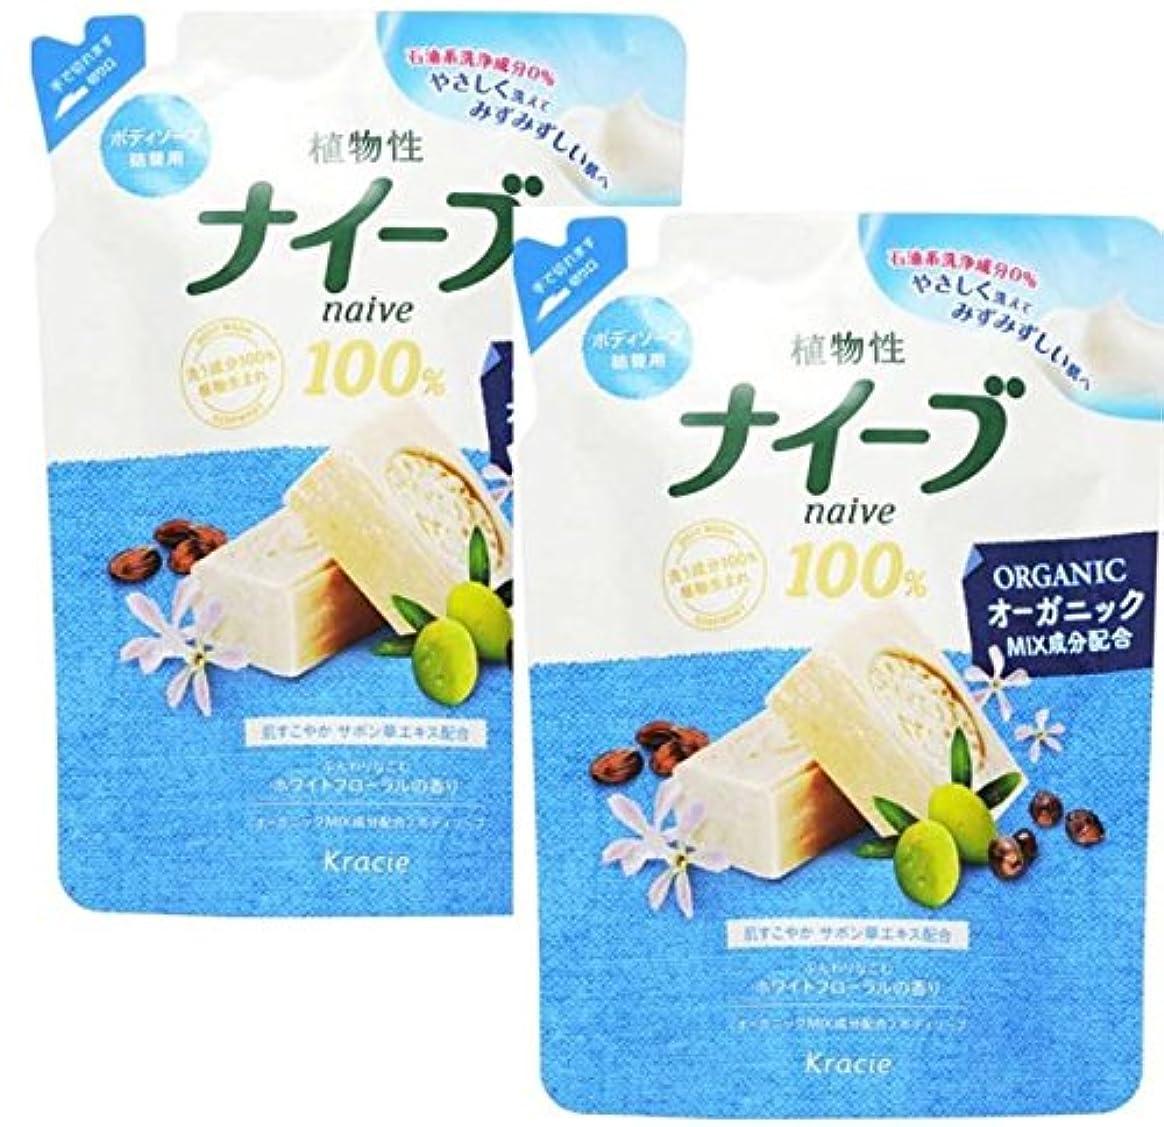 スピン組スワップナイーブ ボディソープ サボン草エキス配合 詰替用 400ml / ホワイトフローラルの香り 【2点セット】